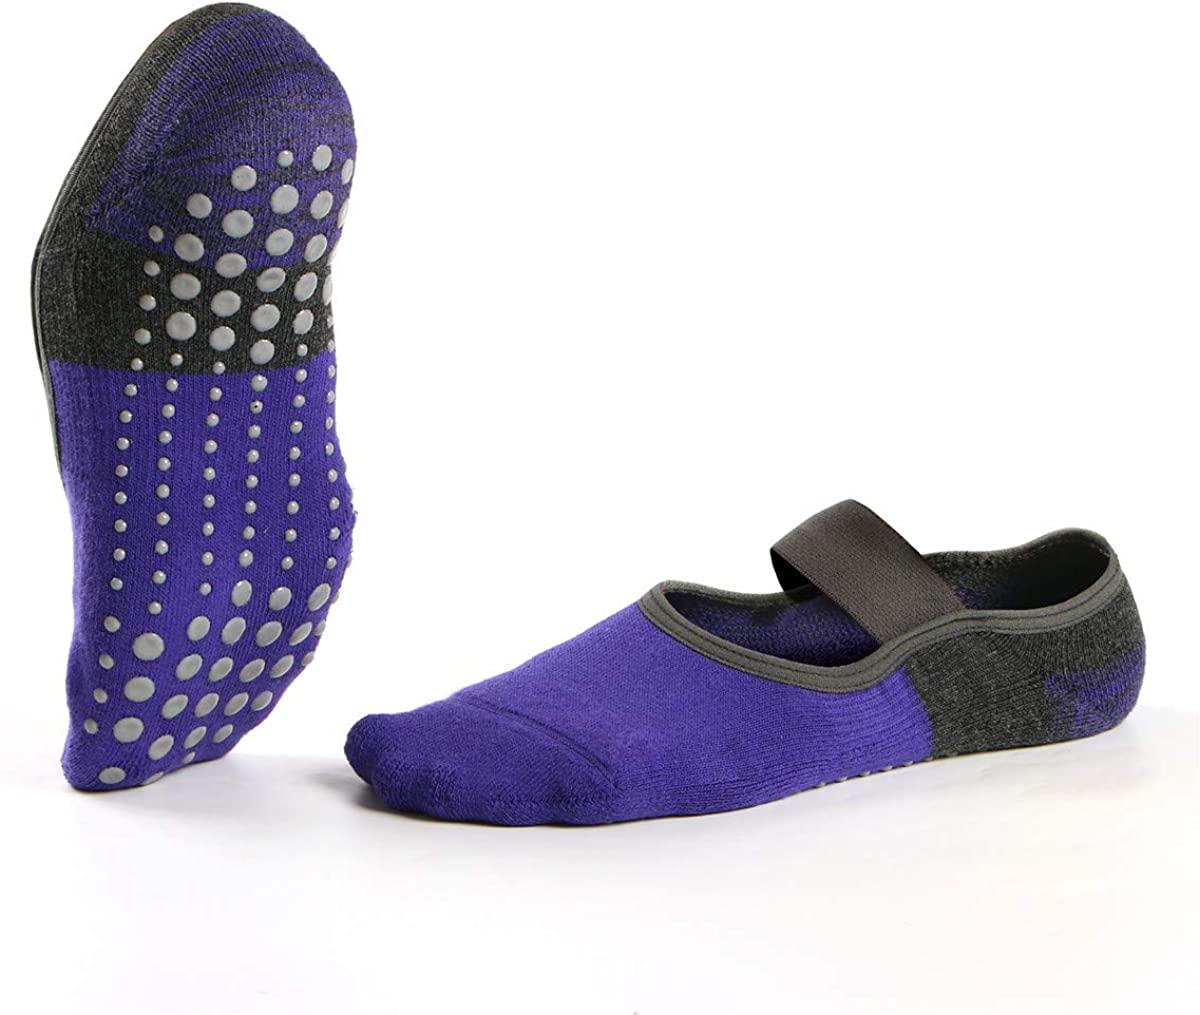 Yoga Socks with Grips for Women, Non-Slip Socks for Pilates, Barre, Ballet, Dance, Fitness 2Pairs Hicomlor